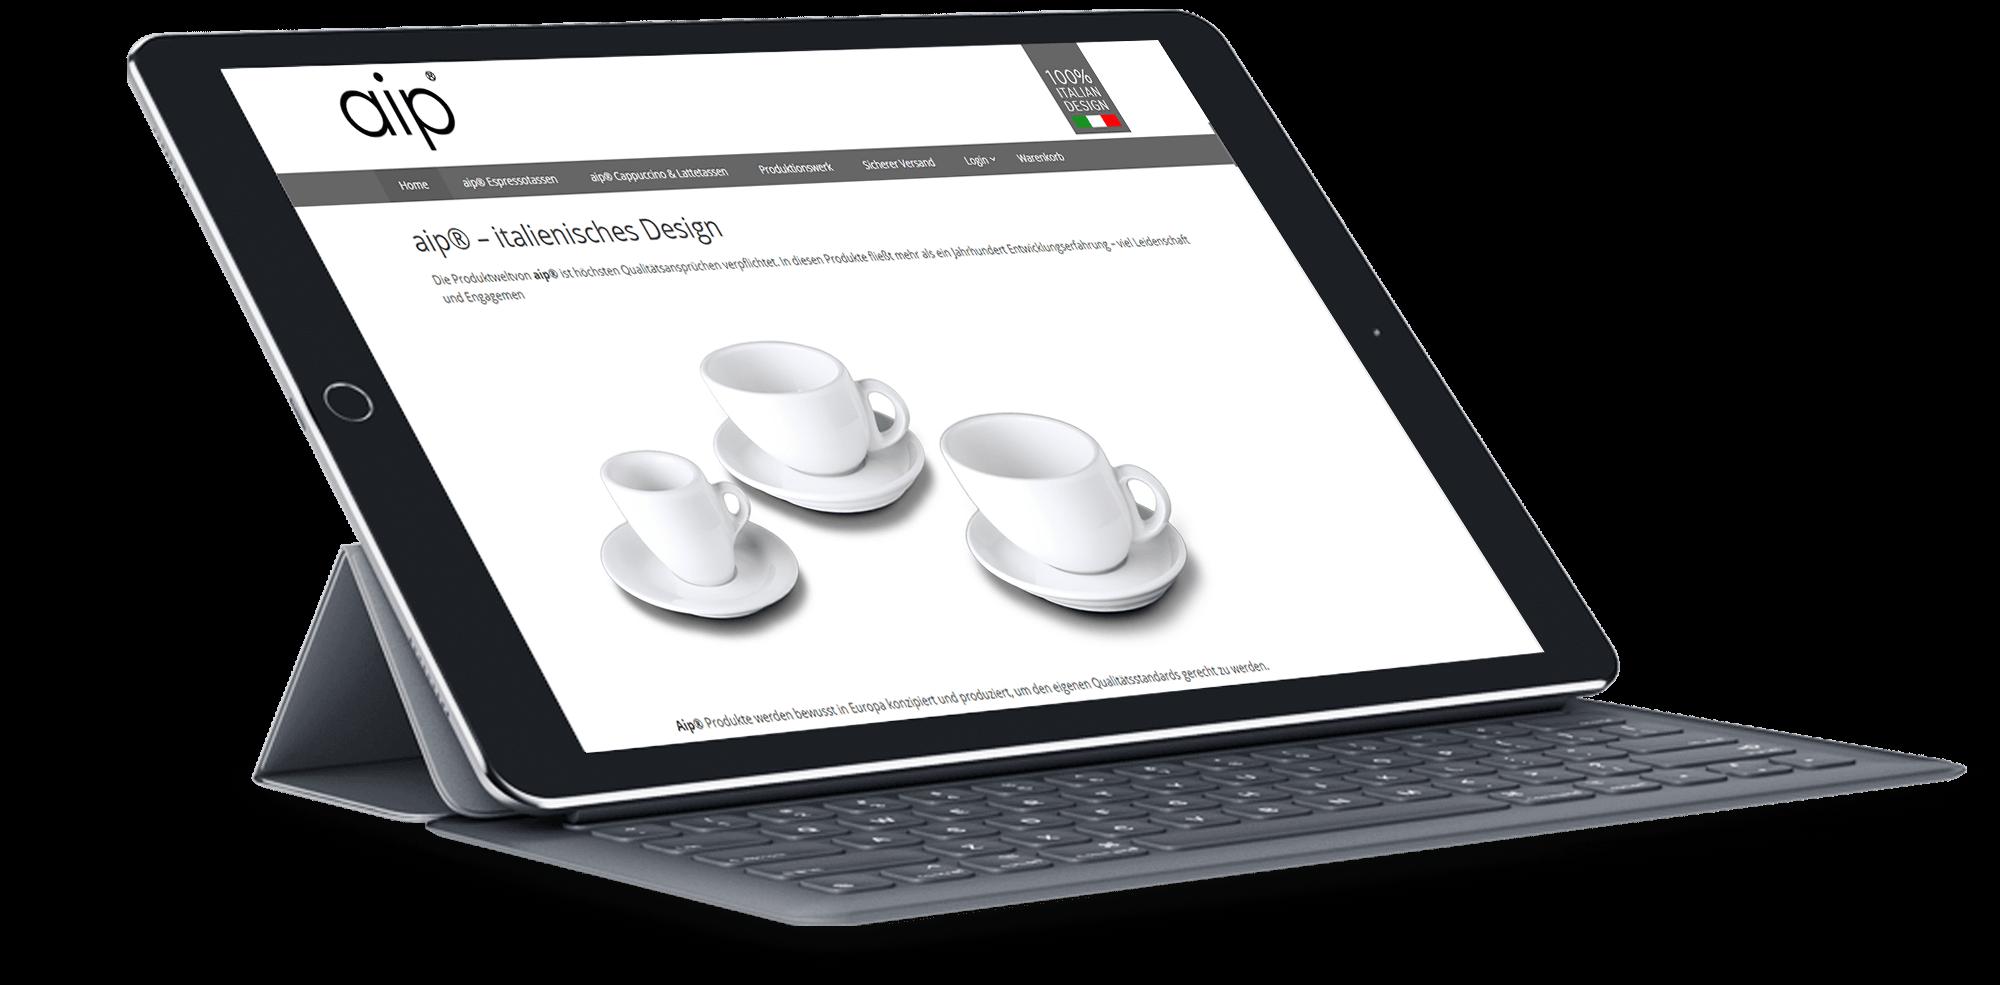 Brandcrock-aip-italiensches design ipad